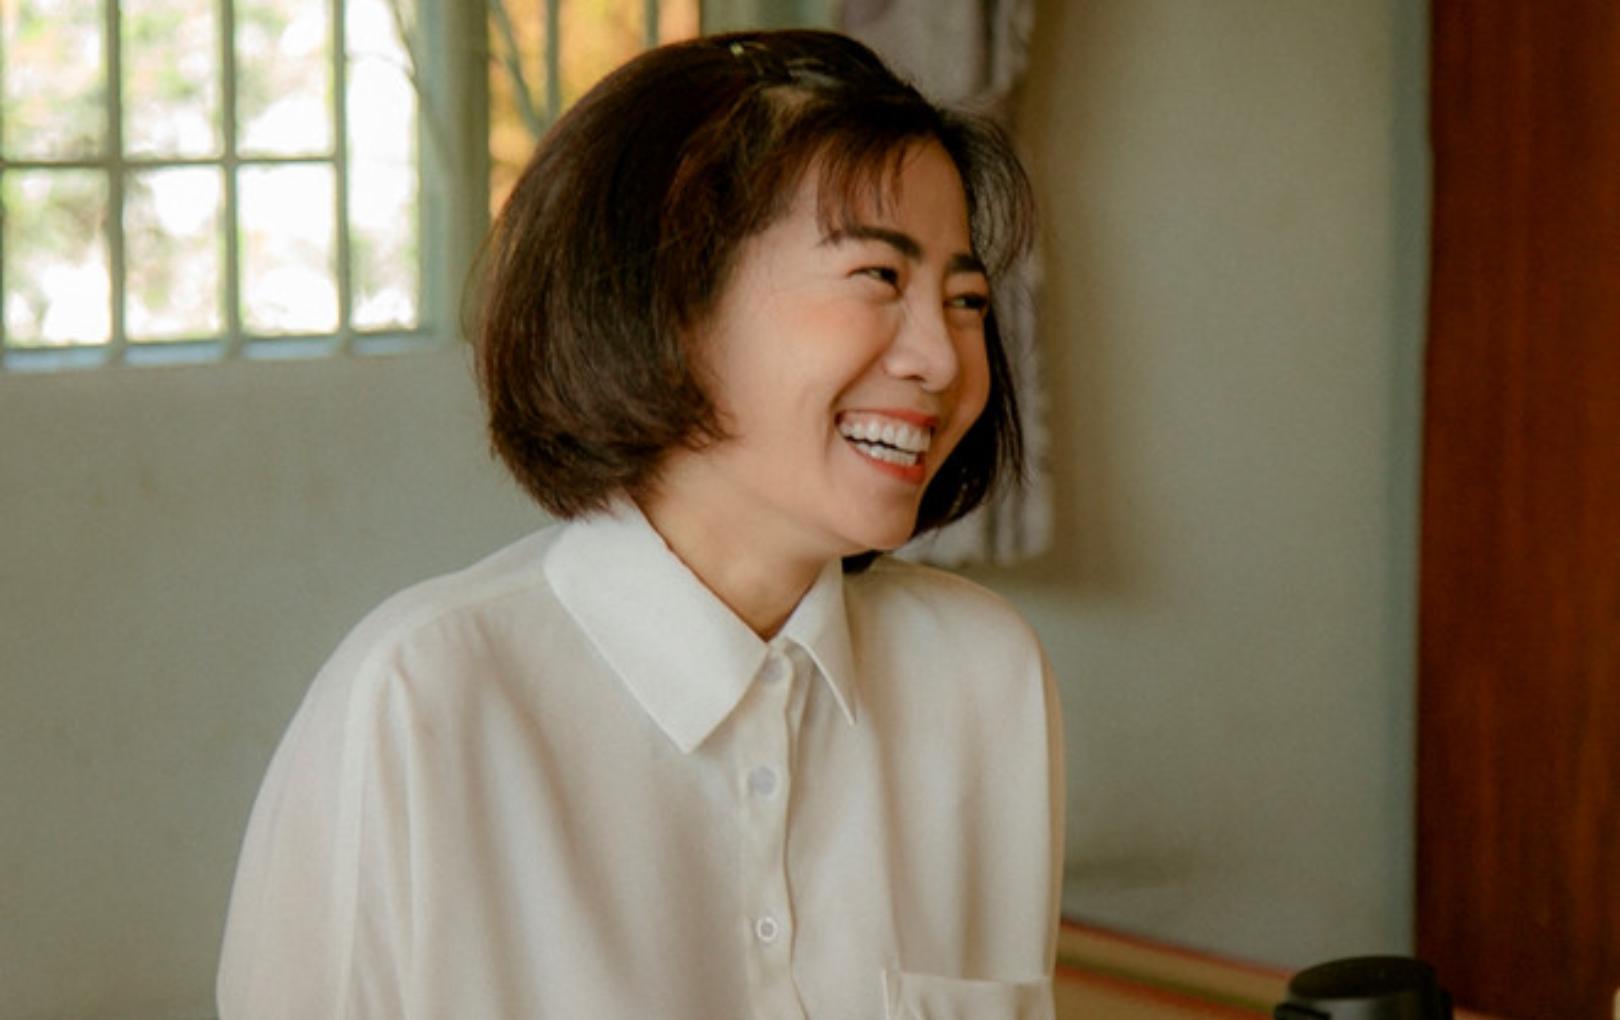 Mai Phương từng một mình lái xe 60km đi đóng phim, làm việc đến 12 giờ khuya dù đang mắc bệnh ung thư